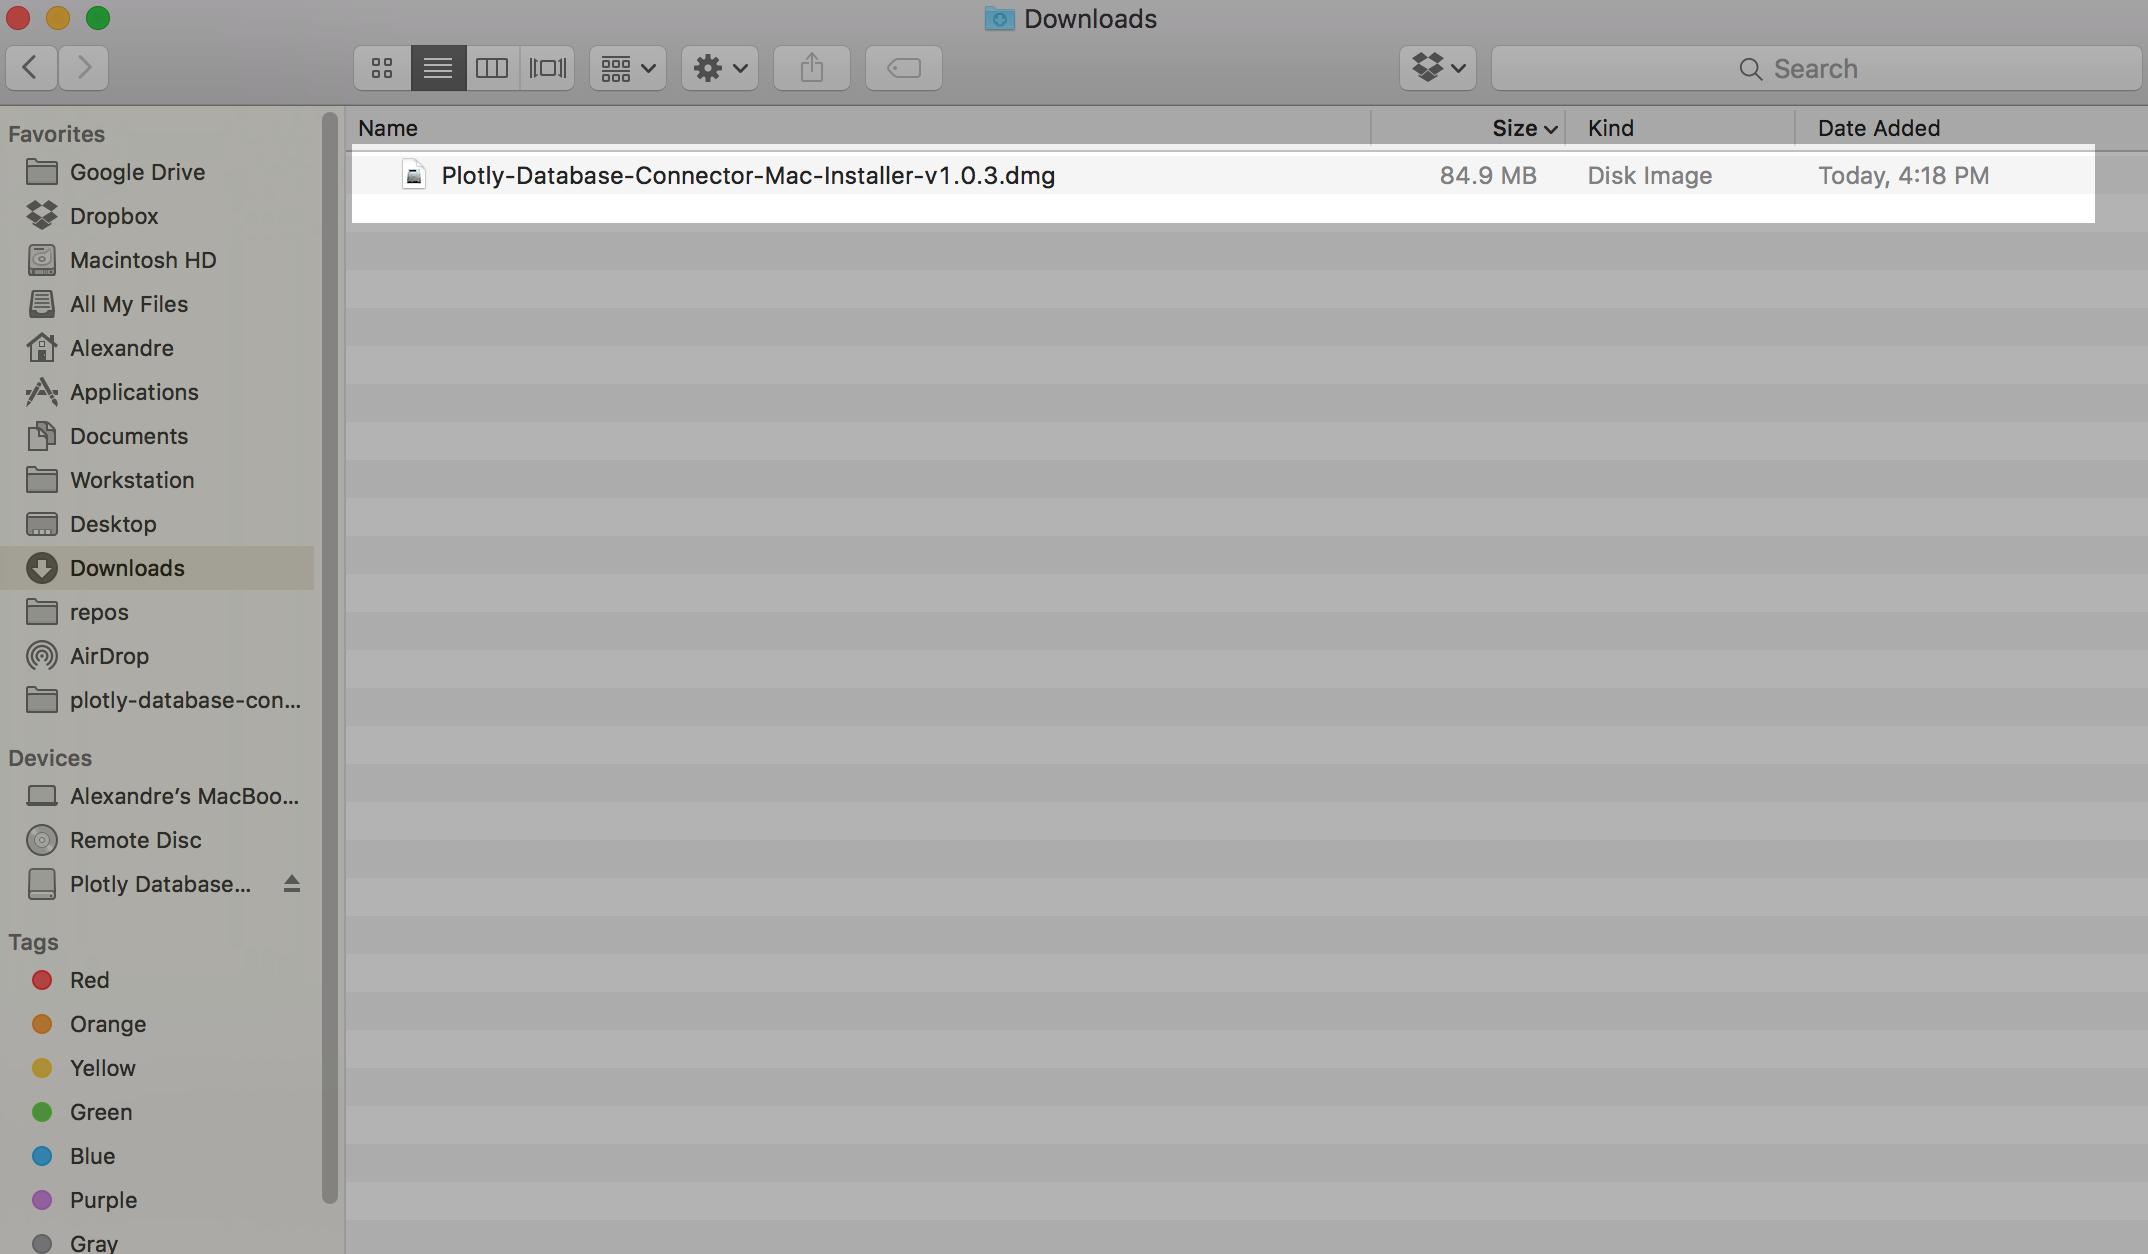 downloading Mac